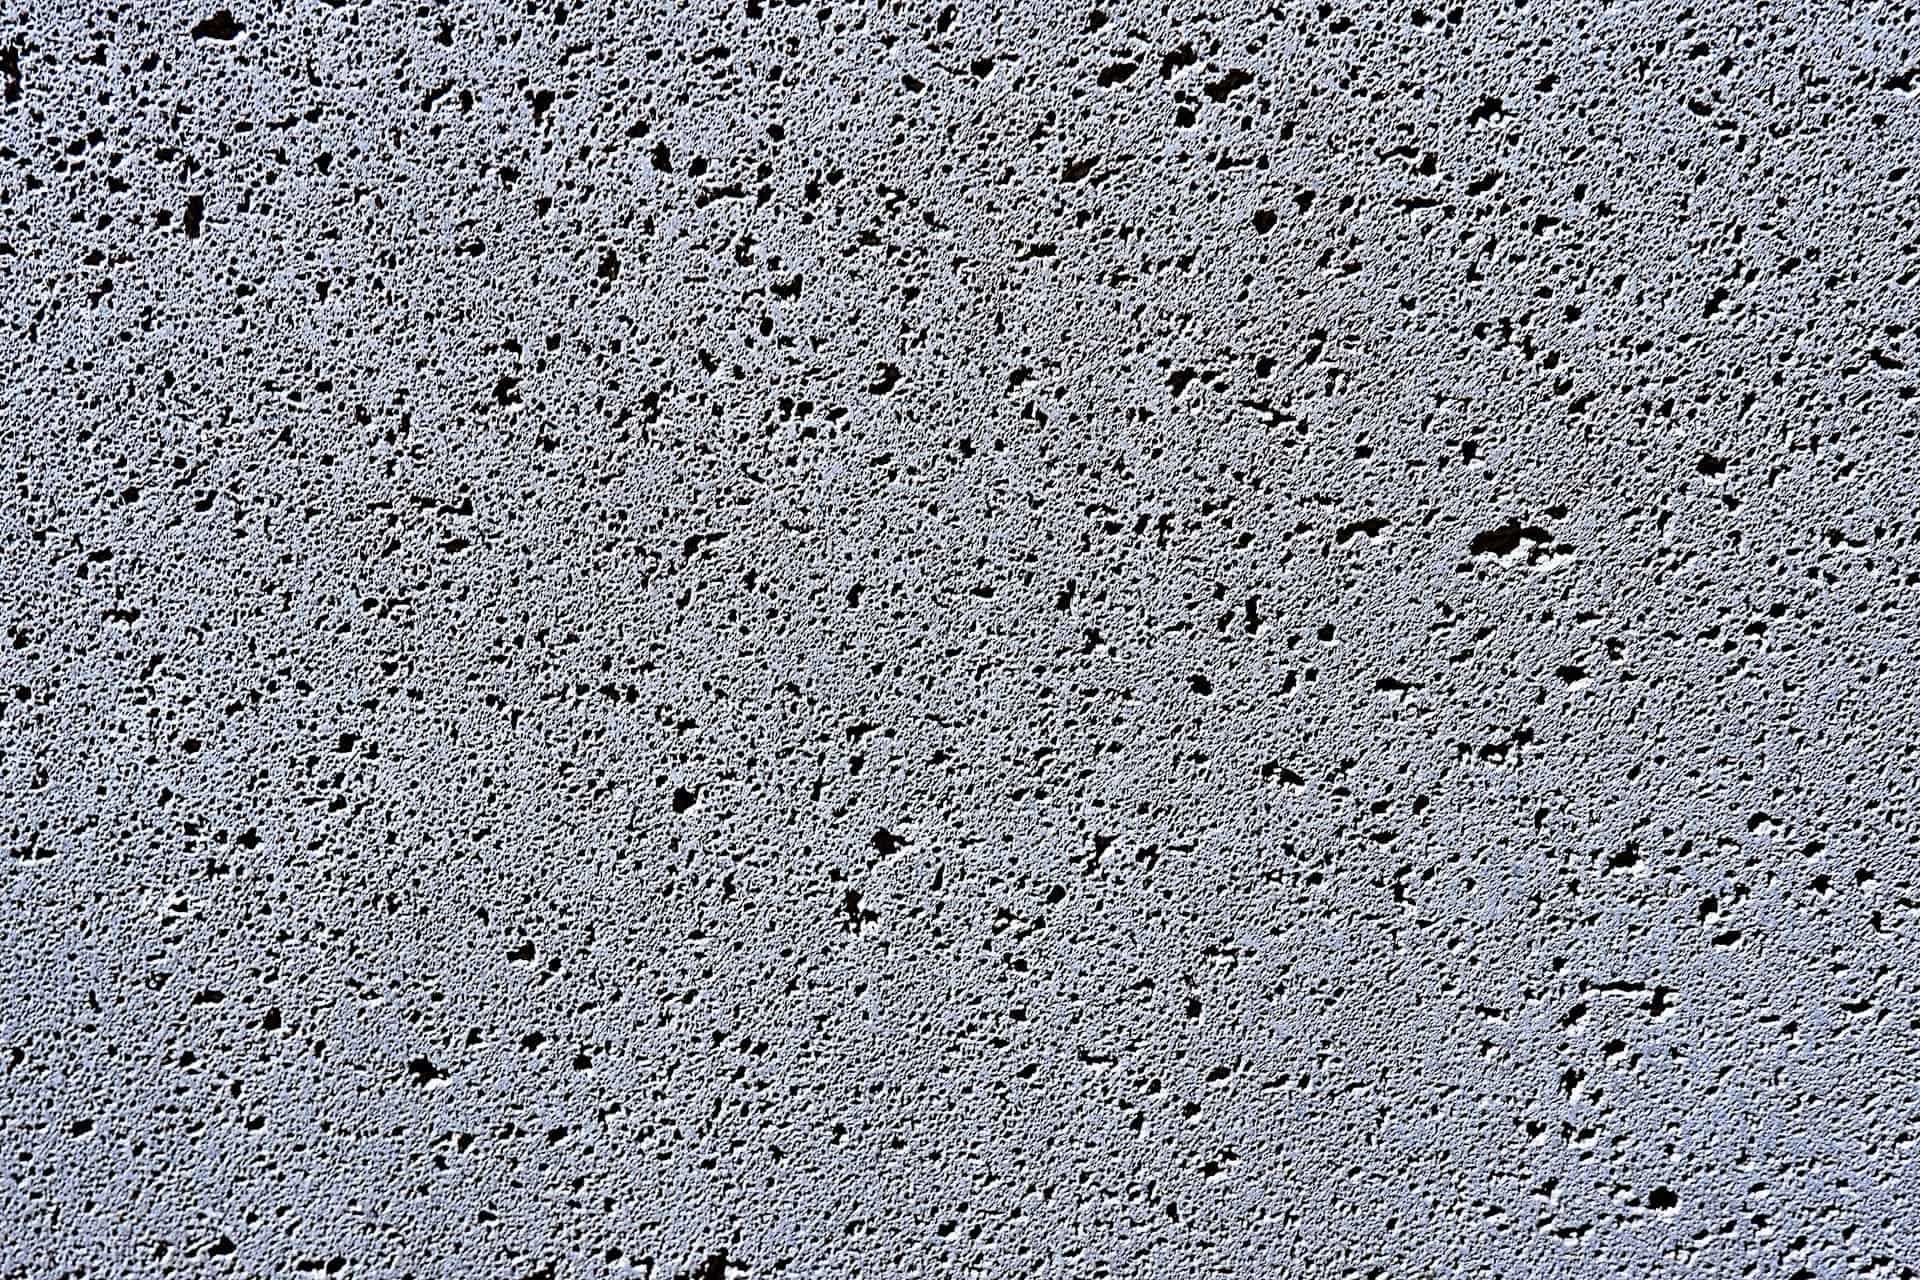 does vinegar dissolve concrete